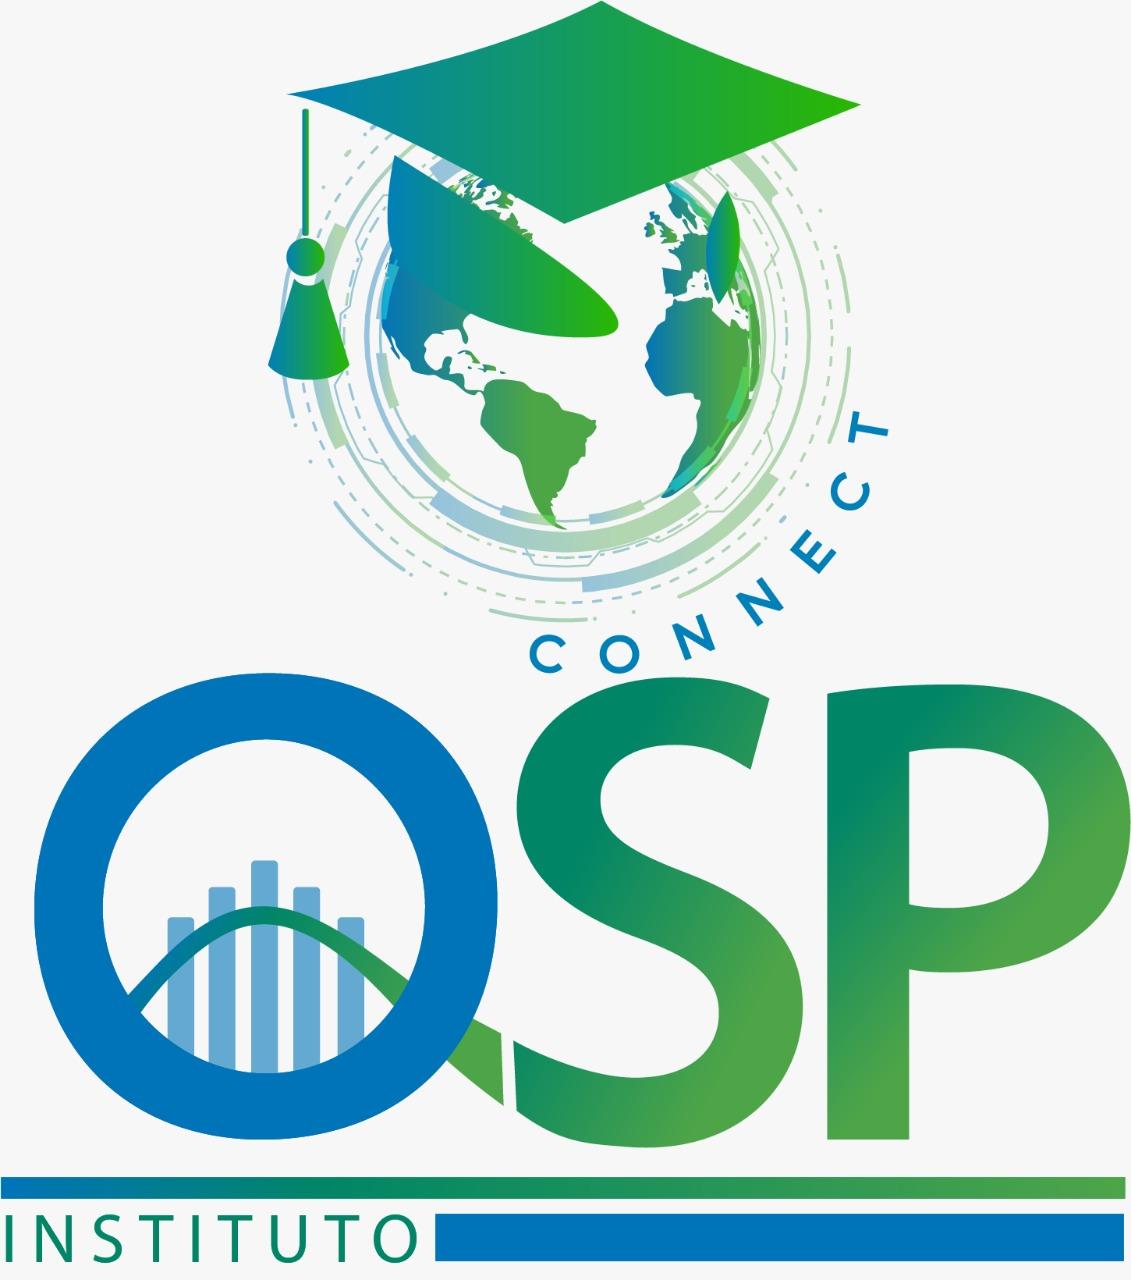 QSP Connect - Cursos EAD Qualidade e Segurança do Paciente